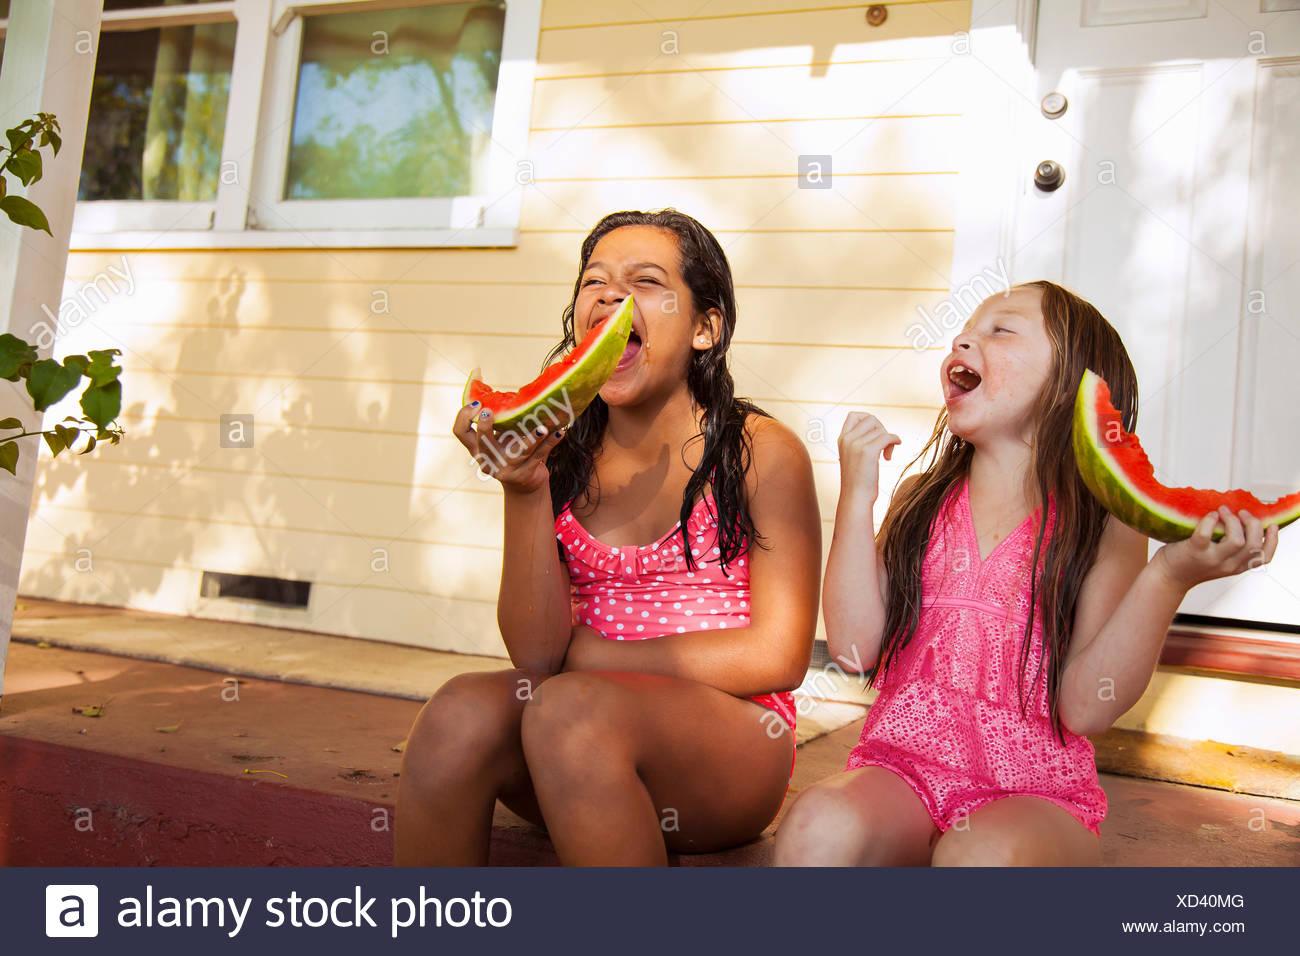 Deux filles rire assis sur le porche de la chambre avec des tranches de melon d'eau Photo Stock